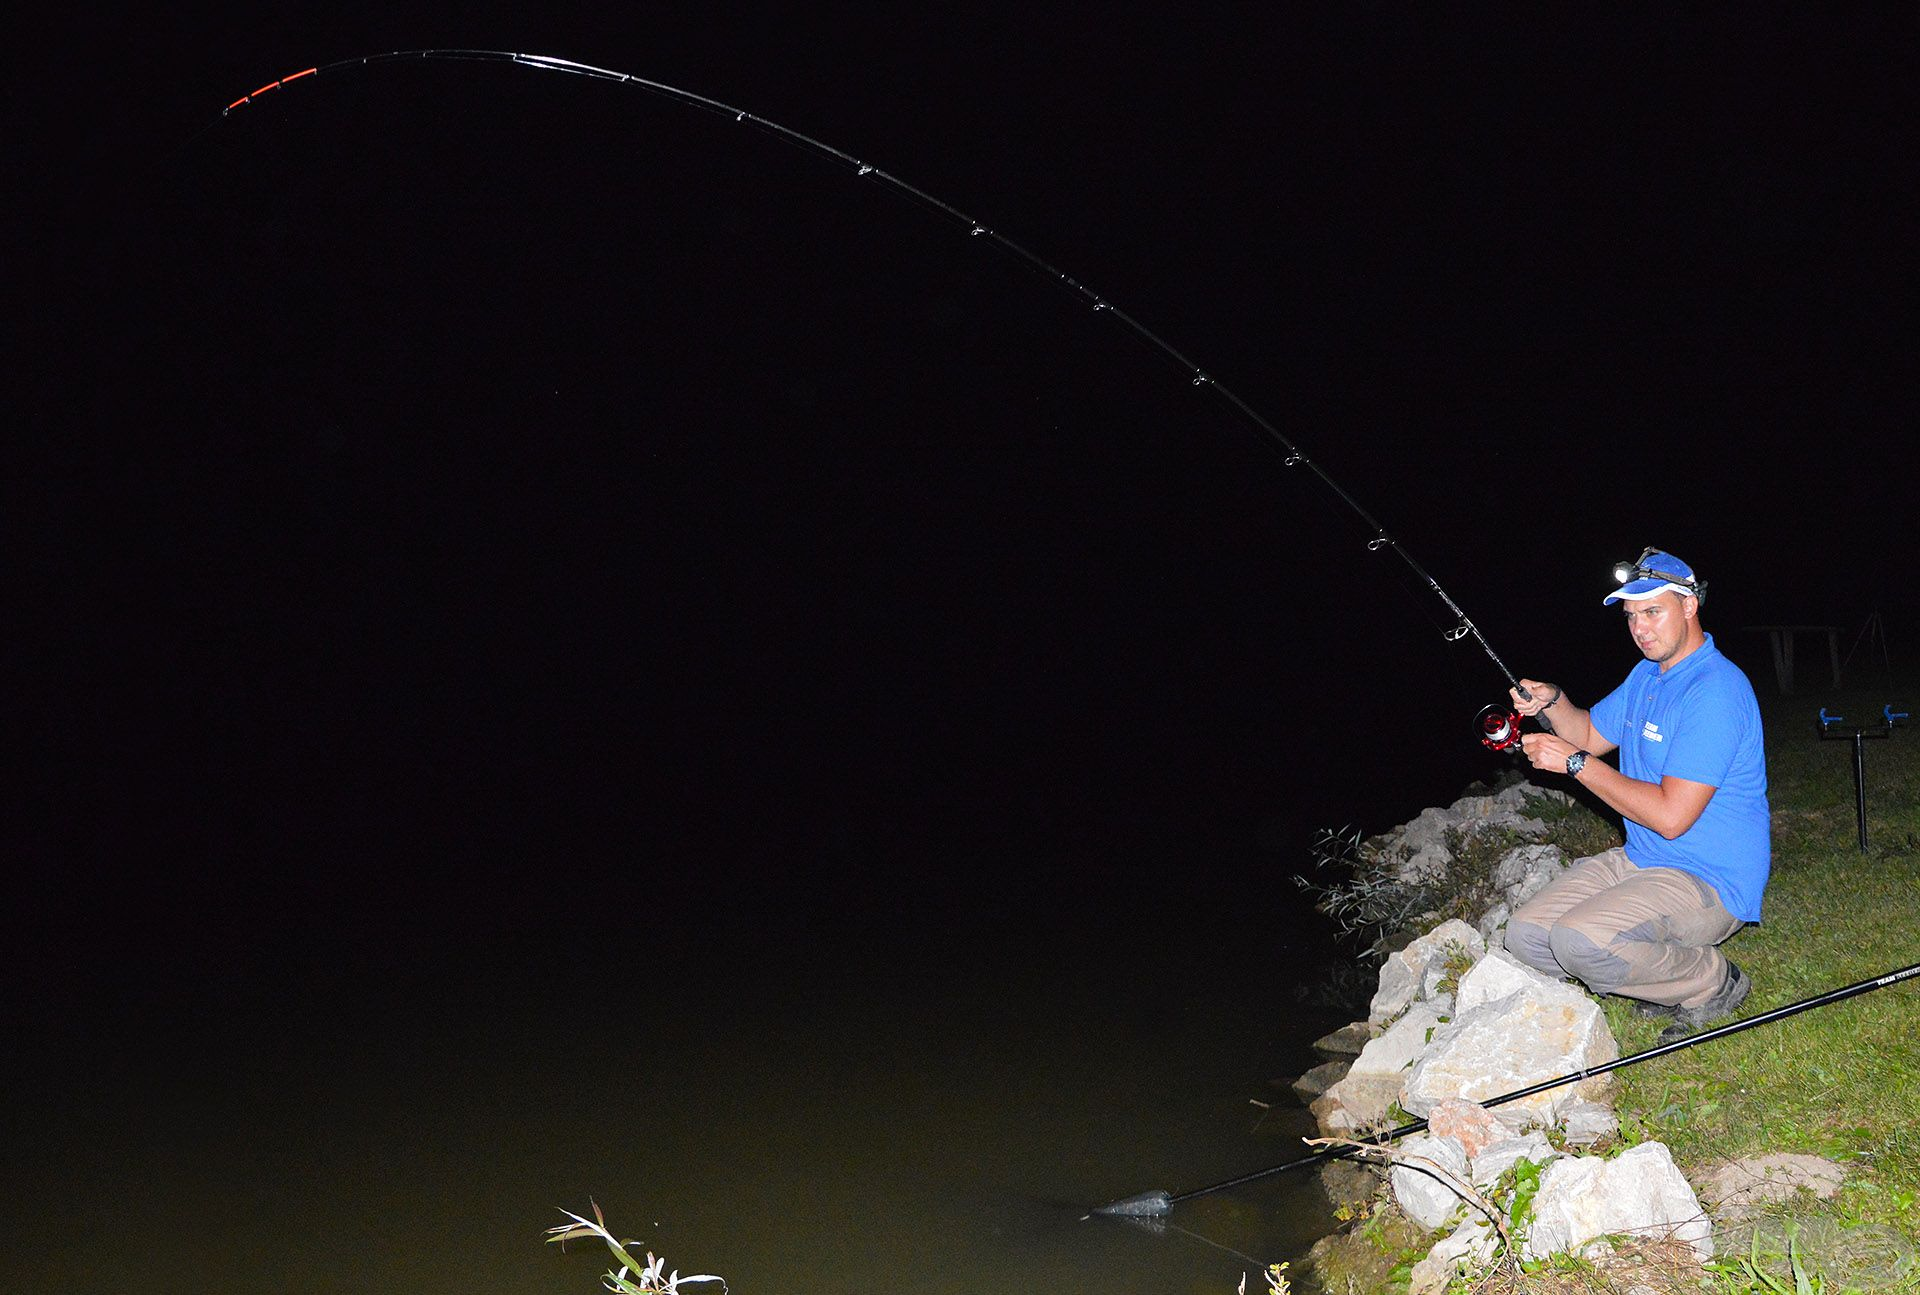 Nemcsak különleges és izgalmas élmény, de olyan halakat is hozhat, amiről eddig csak álmodtál…